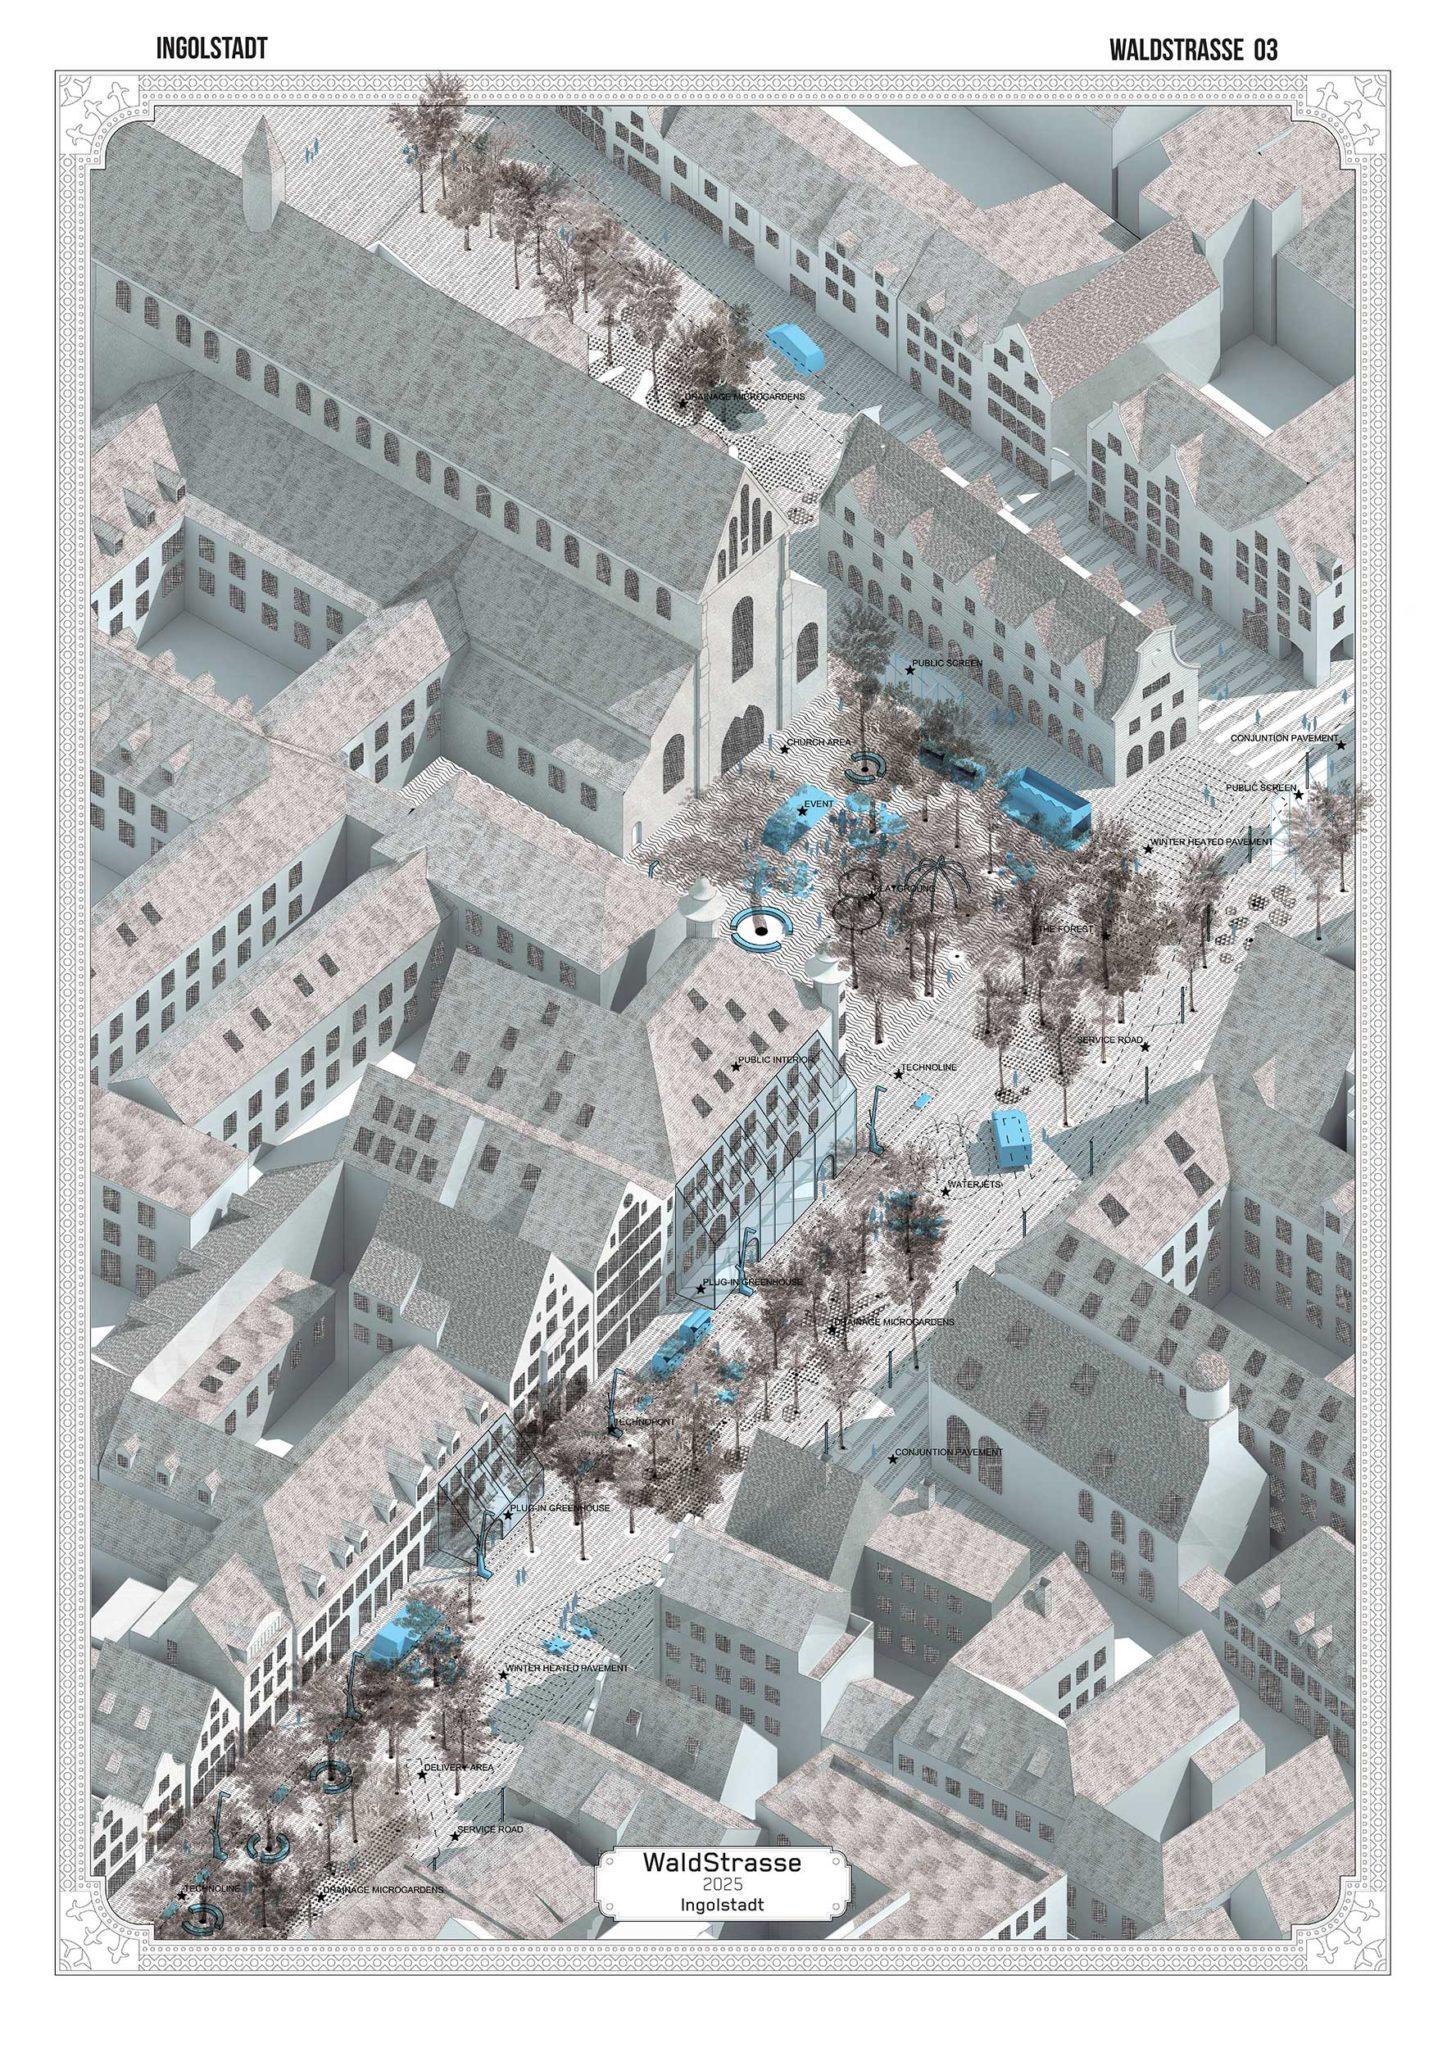 Axonometría de la plaza principal de Ingolstadt convertido en bosque urbano